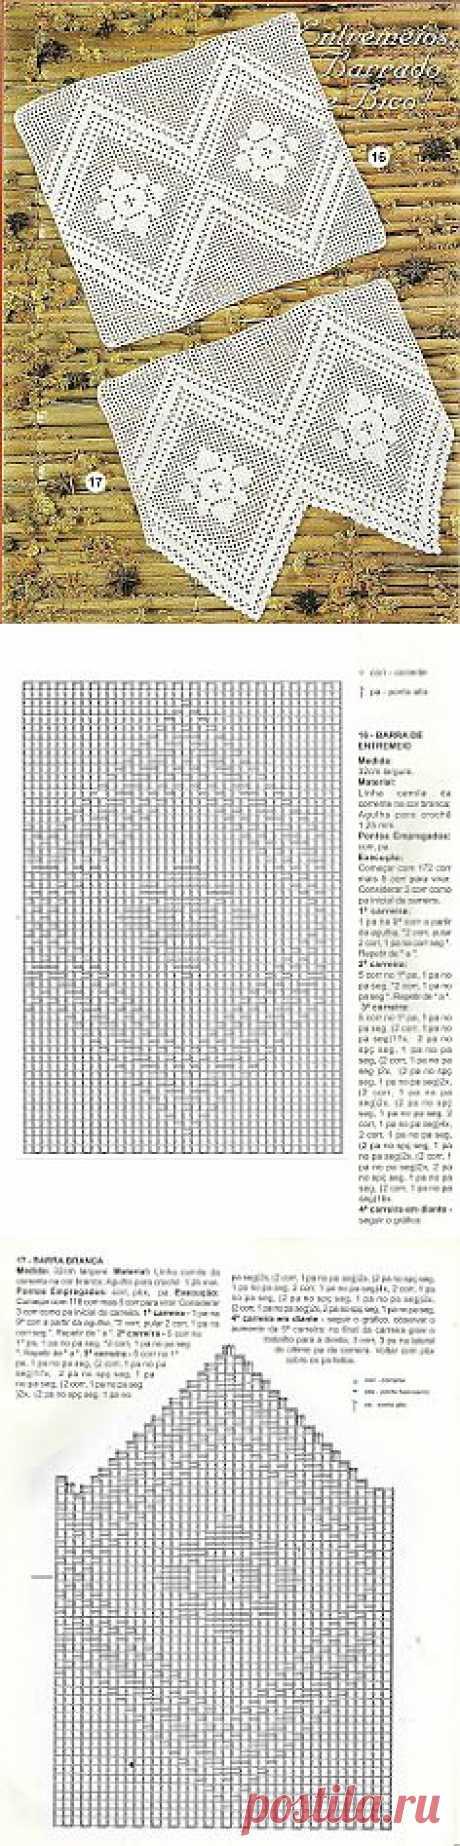 MIRIA CROCHÊS E PINTURAS: BELEZURA DE BARRADO DE CROCHÊ E ENTREMEIO